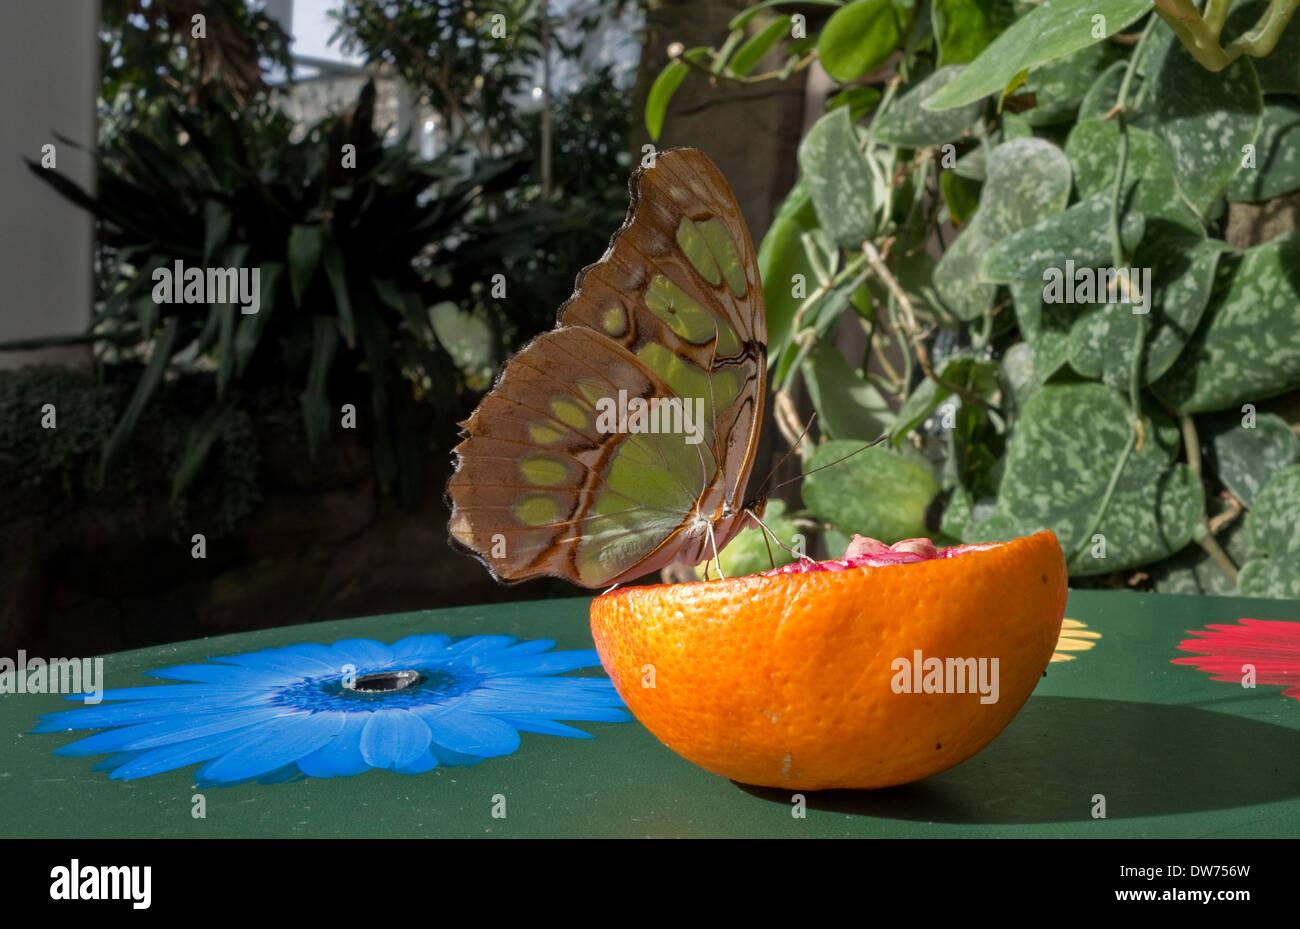 Malaquita mariposa sobre una naranja -1 Foto de stock